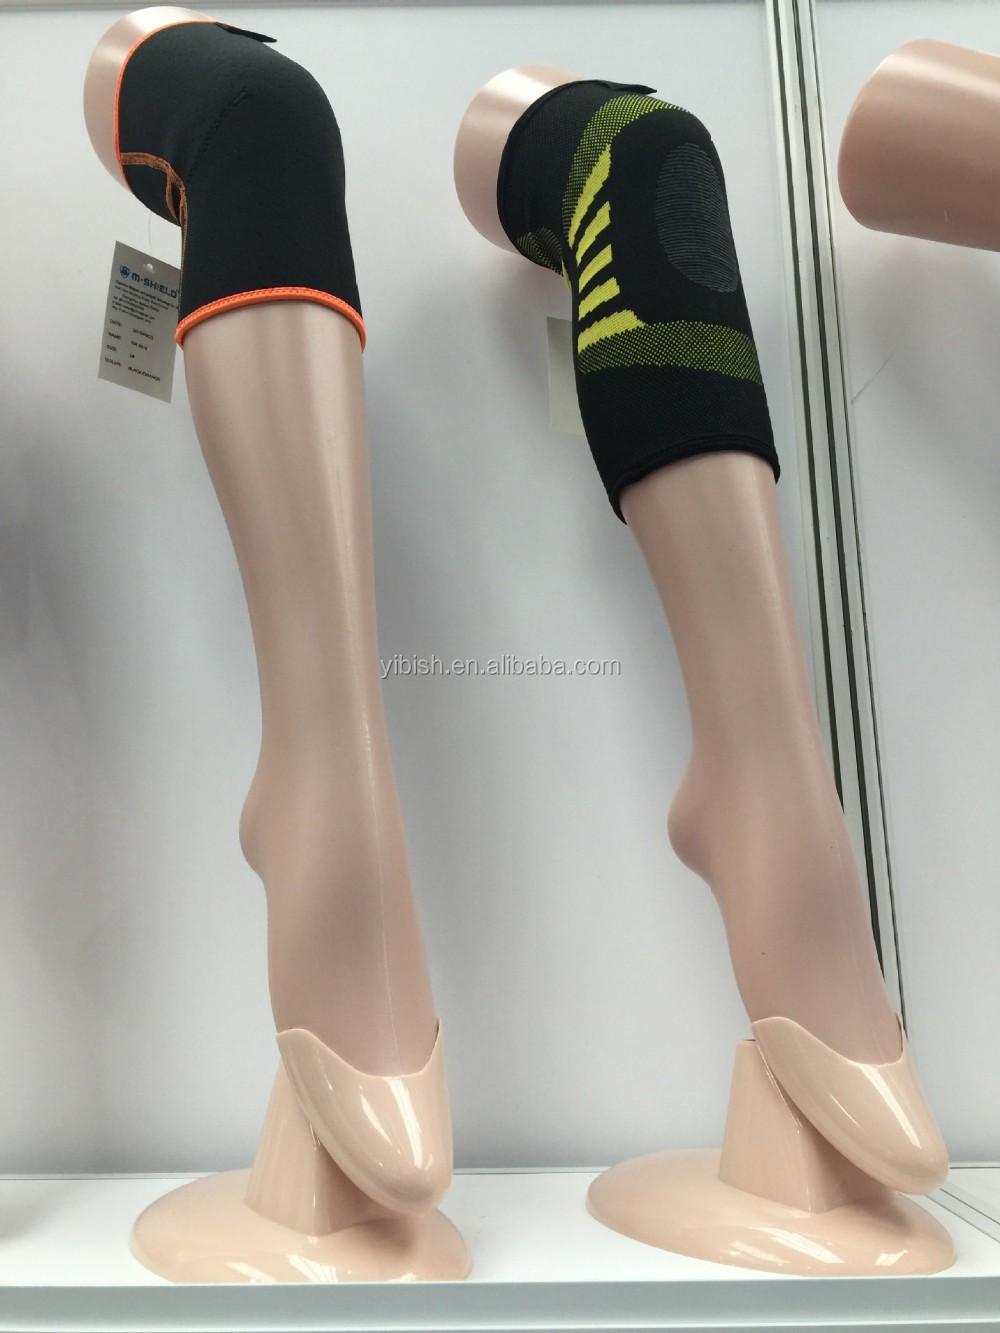 Luvas de Cuidados Com Os pés... Melhor para Arch & Suporte do Tornozelo com a Verdadeira Compressão Graduada-Aumenta A Circulação, reduz Inchaços